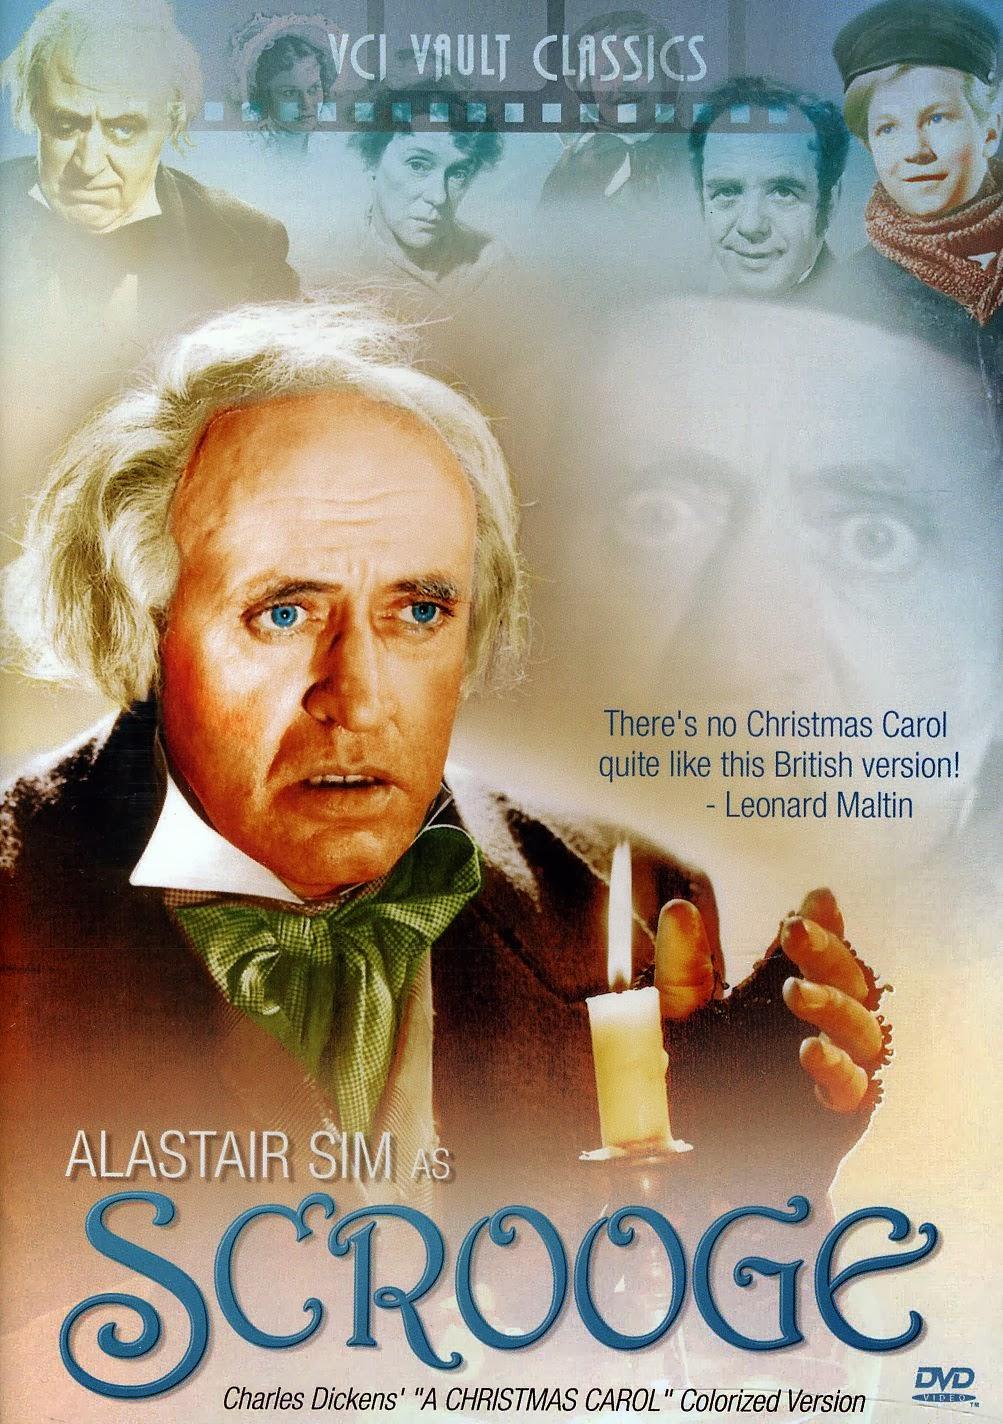 Peliculas para ver......... - Página 2 Scrooge+(A+Christmas+Carol)